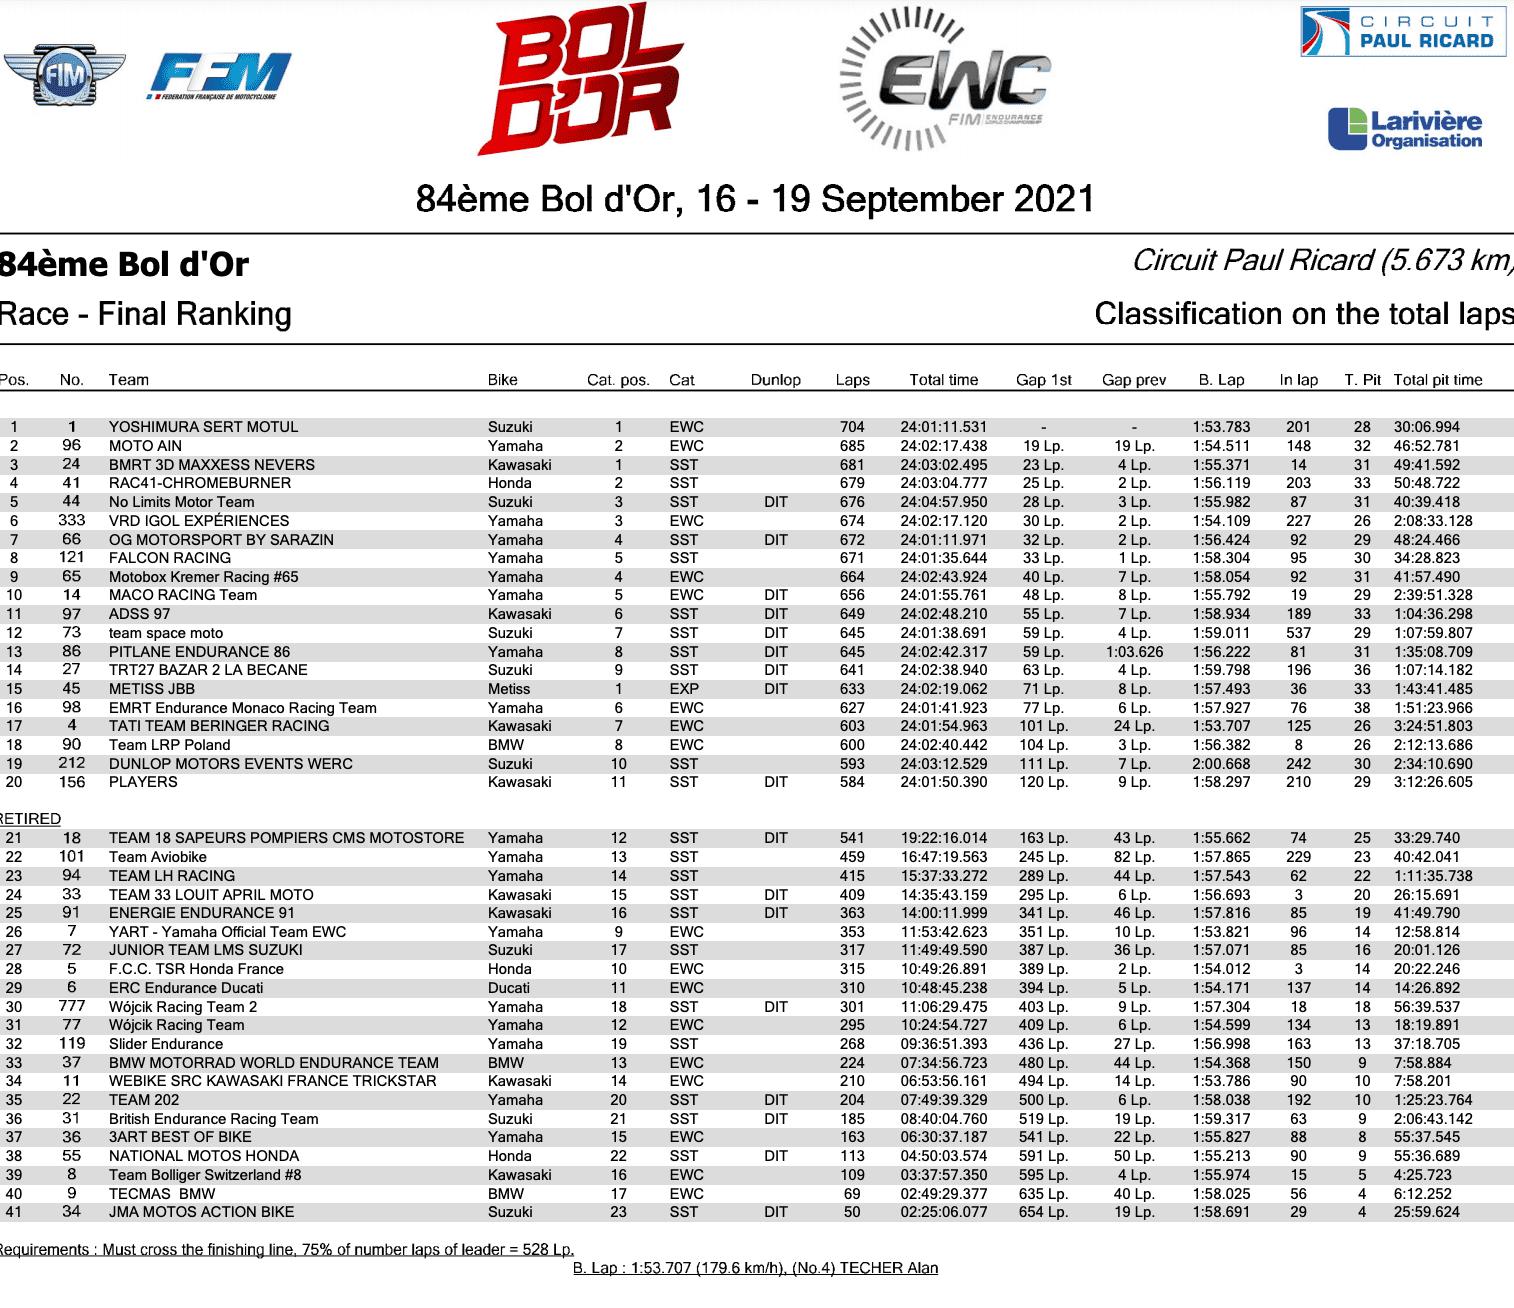 ボルドール24時間耐久ロードレース ヨシムラ SERT MOTULが圧倒的な優勝